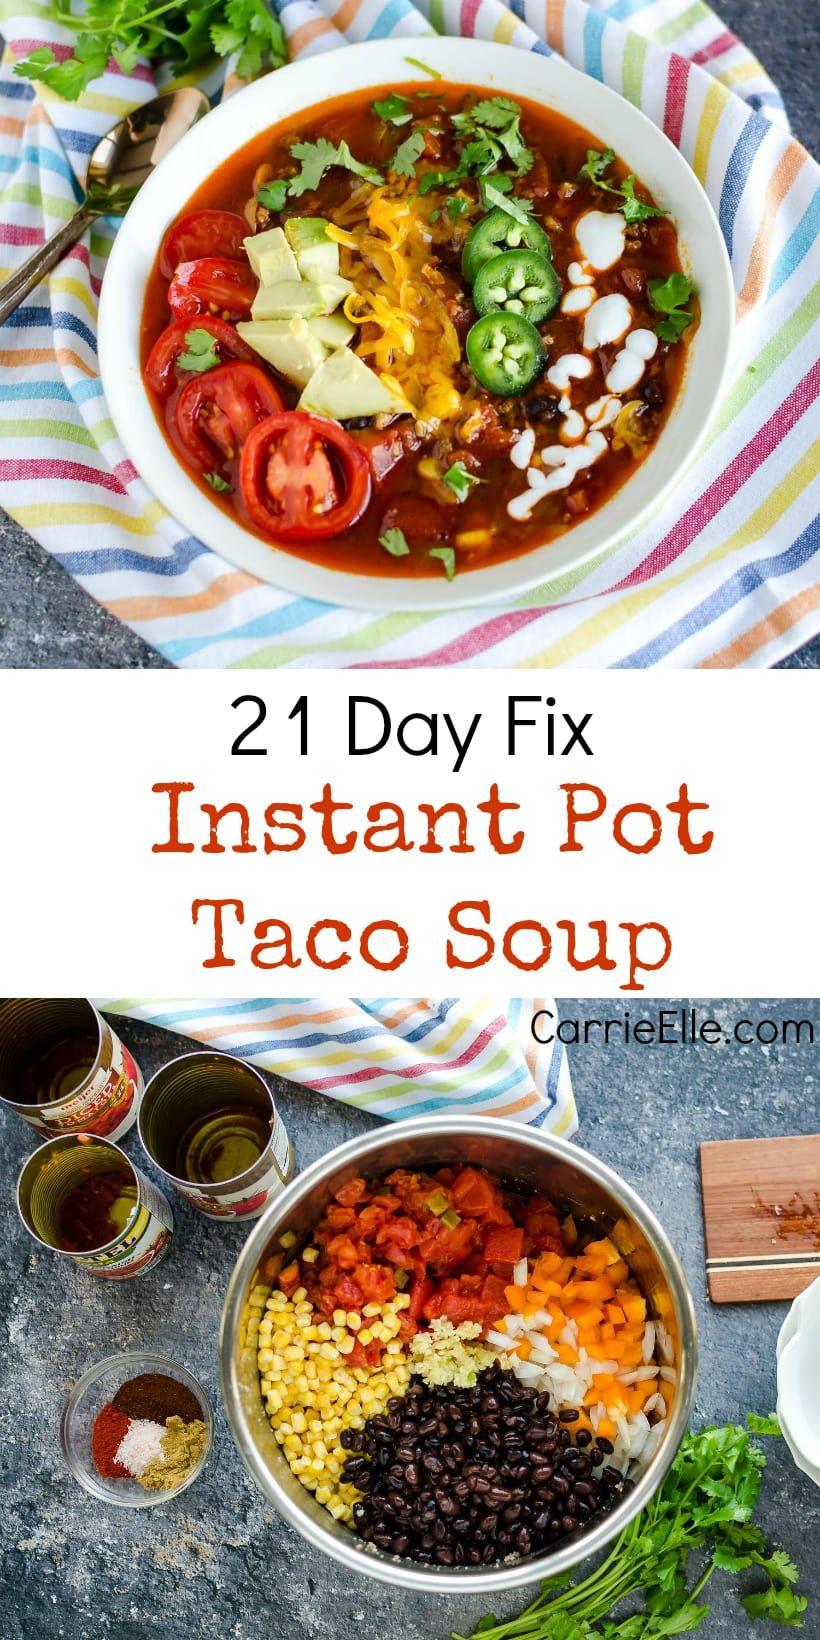 21 Day Fix Instant Pot Taco Soup